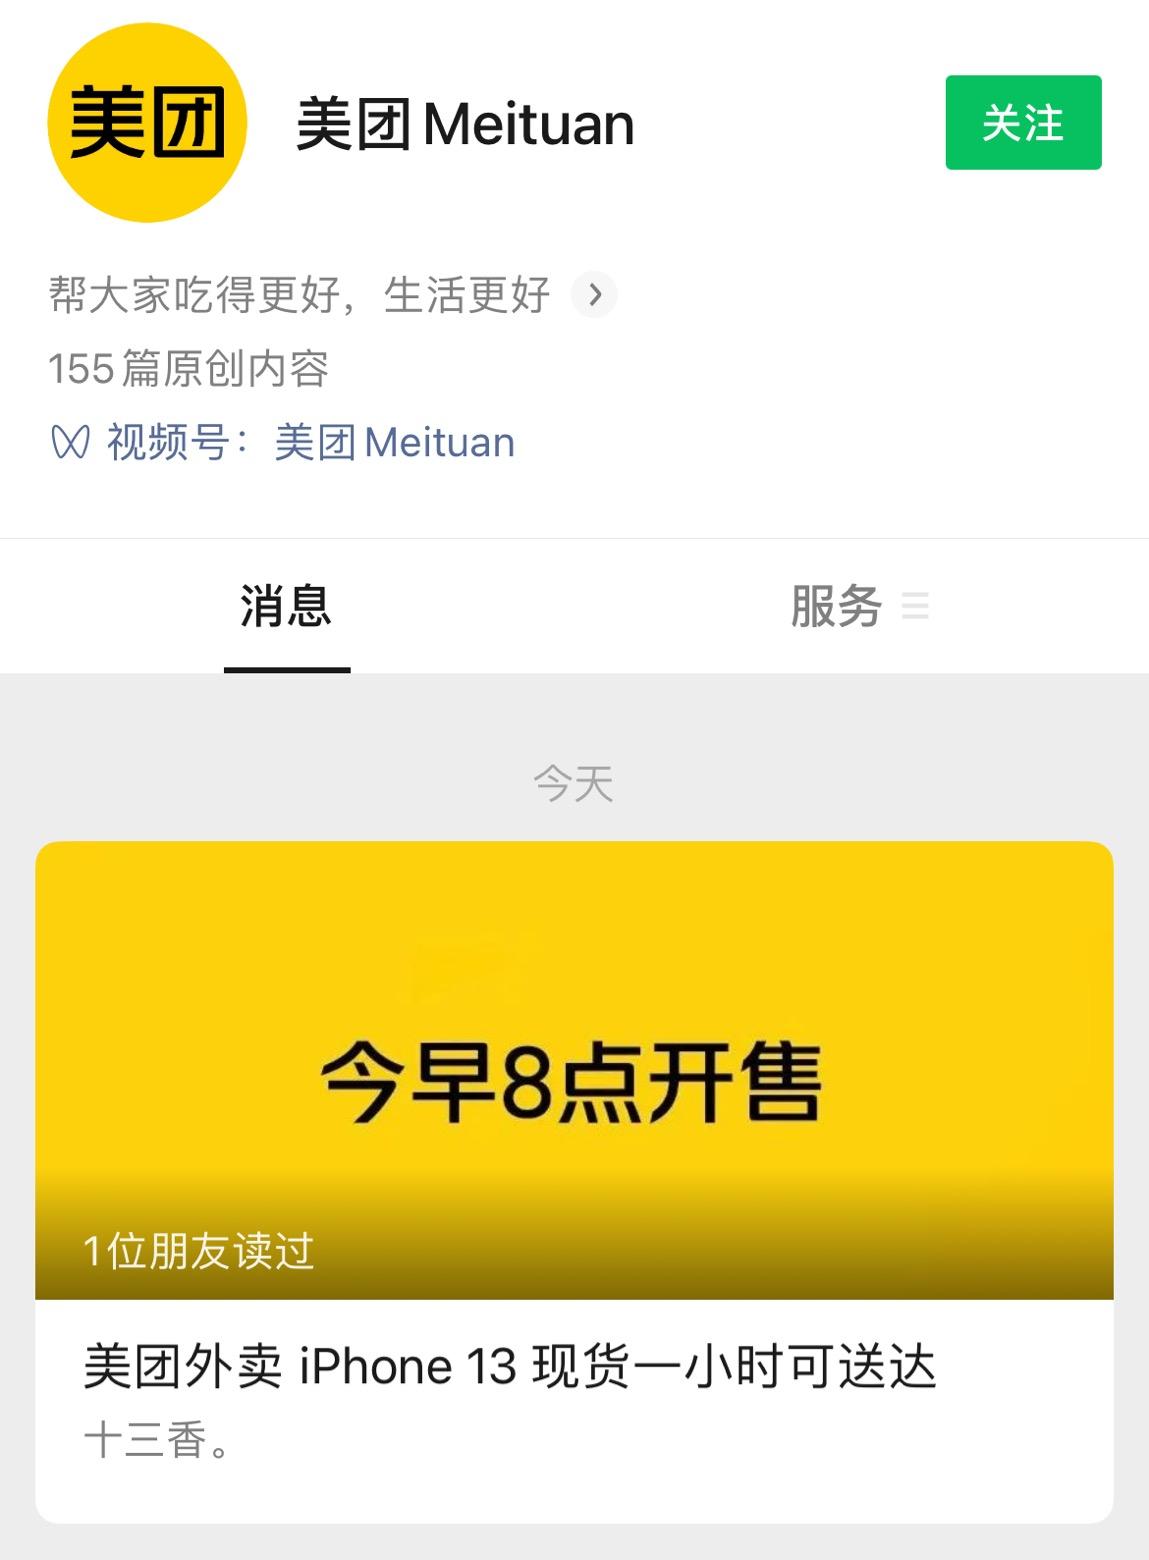 """苹果十三香 美团推出""""iPhone 13现货一小时送达"""""""